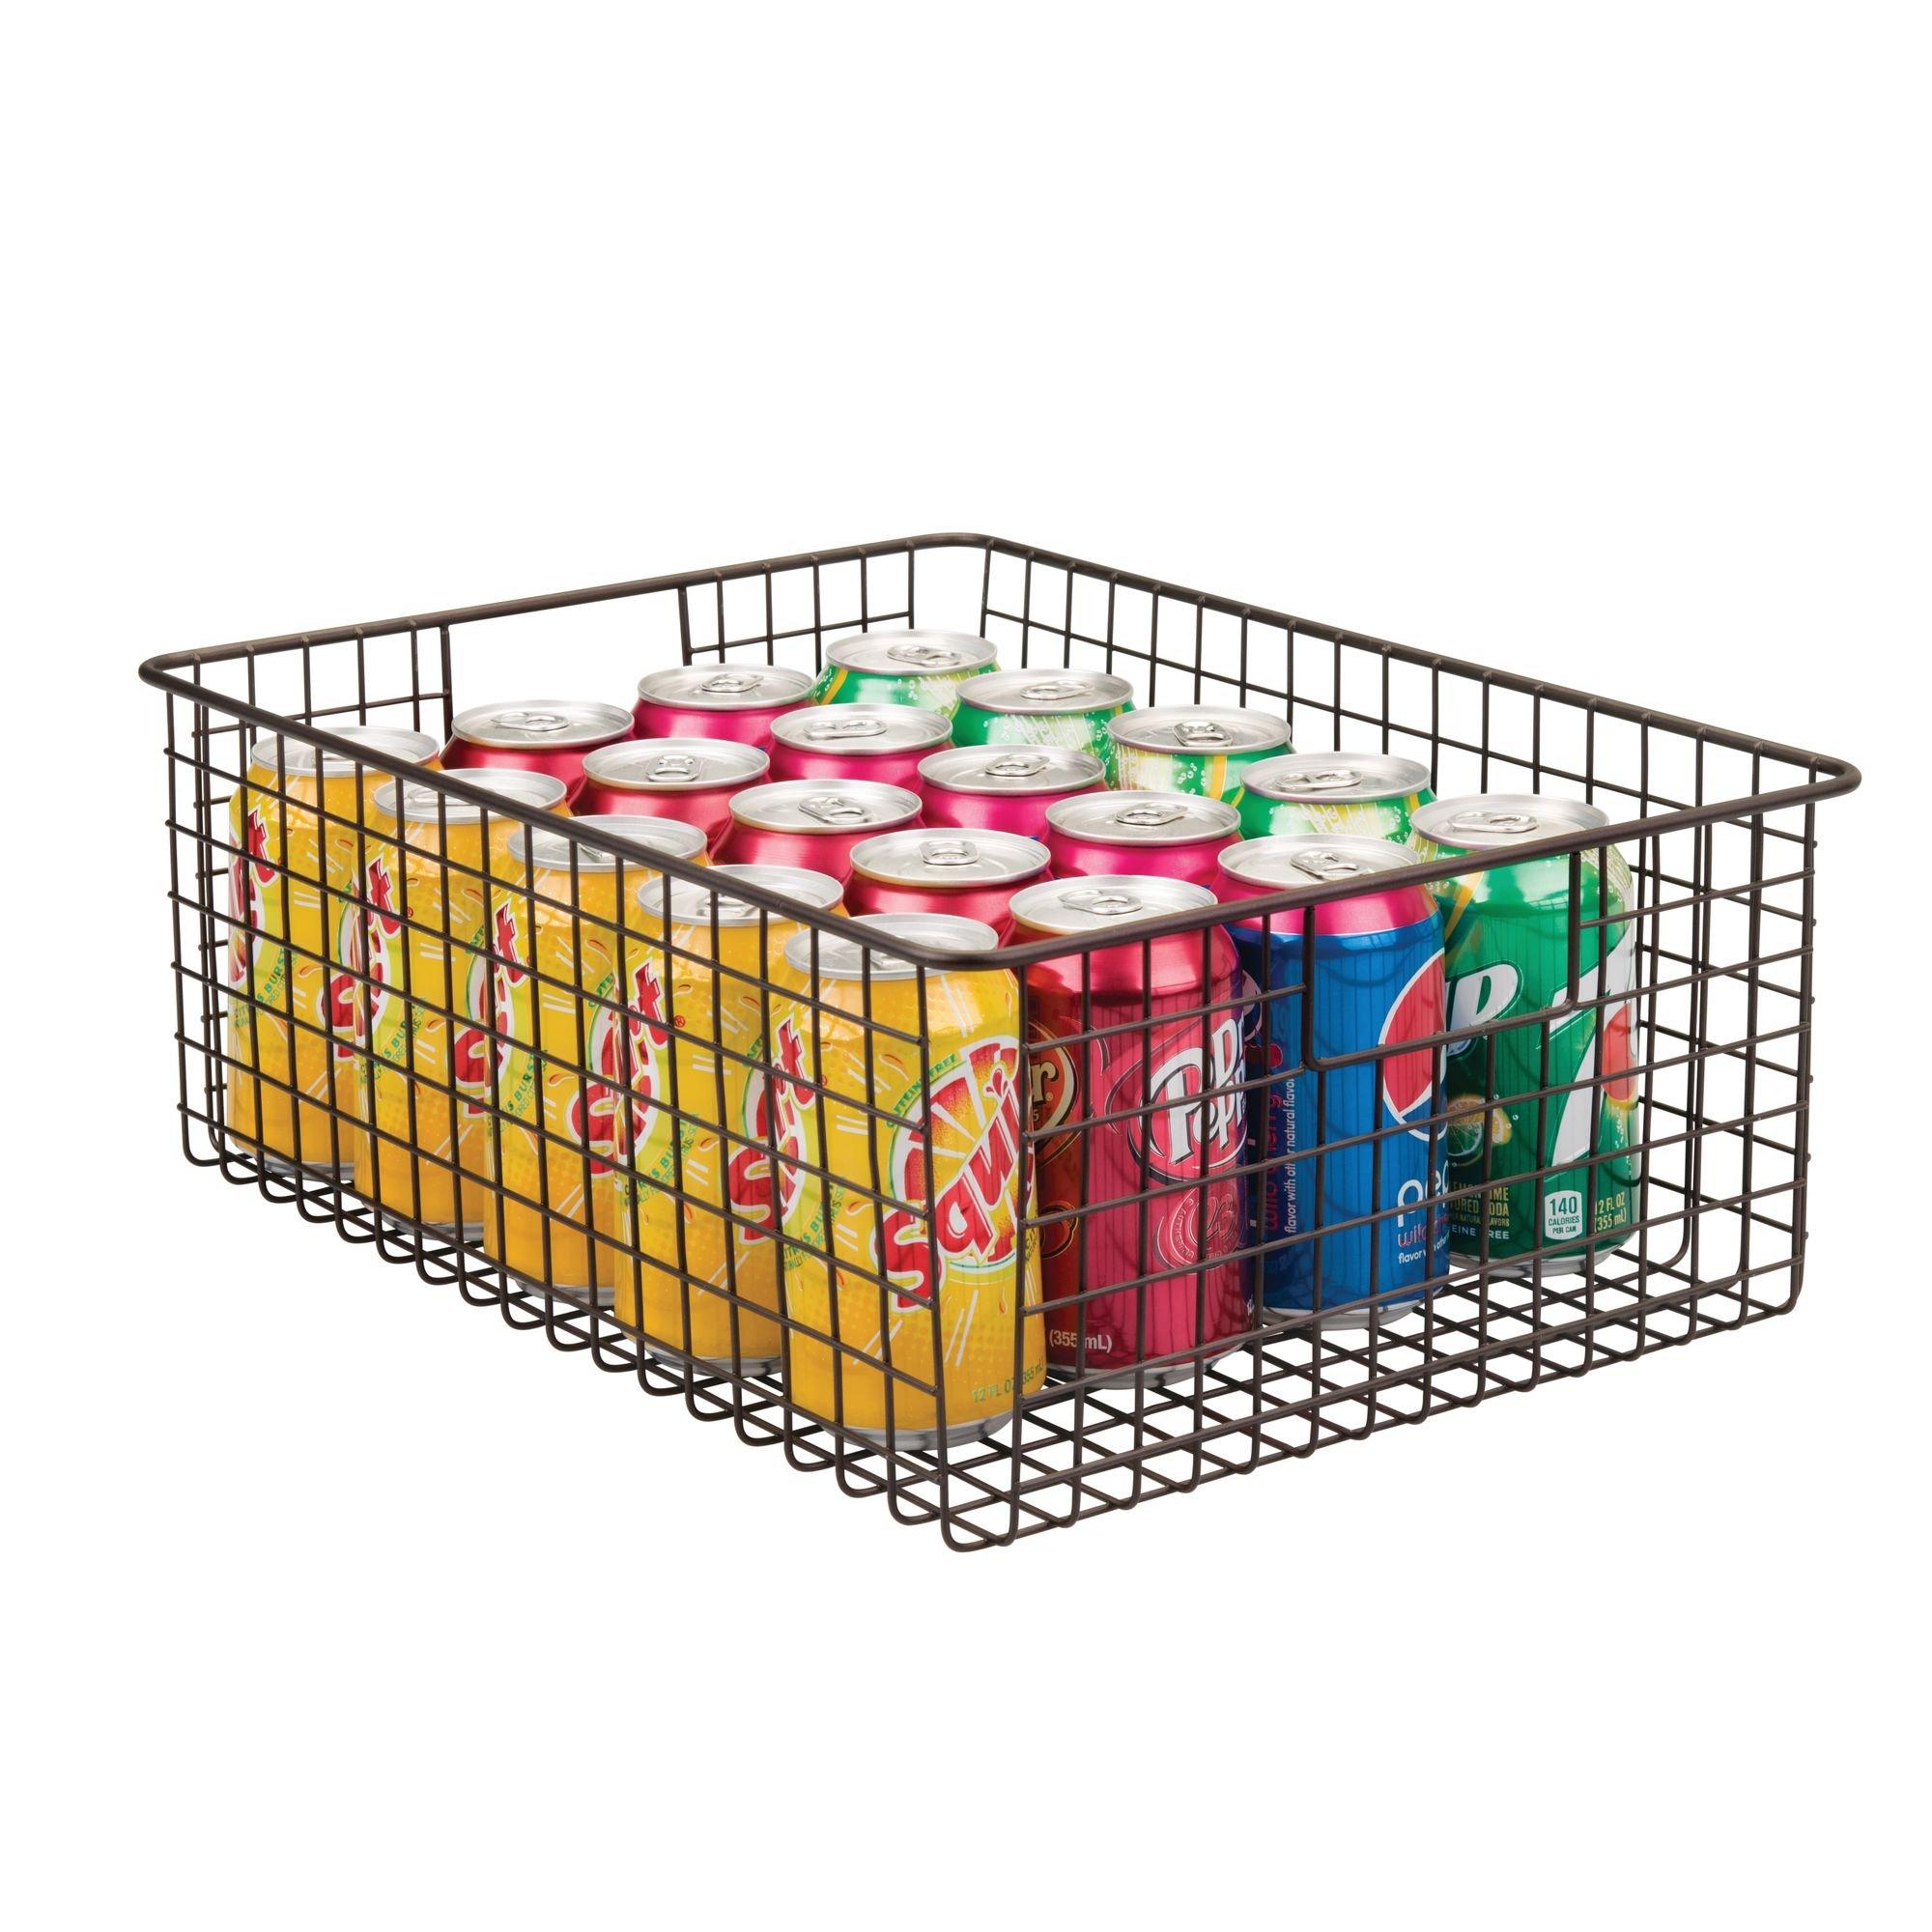 Organizadores de cocina compactos y universales con asas Vers/átil cesta de metal multiusos para cocina o despensa mDesign Juego de 4 cestos de alambre de metal color bronce